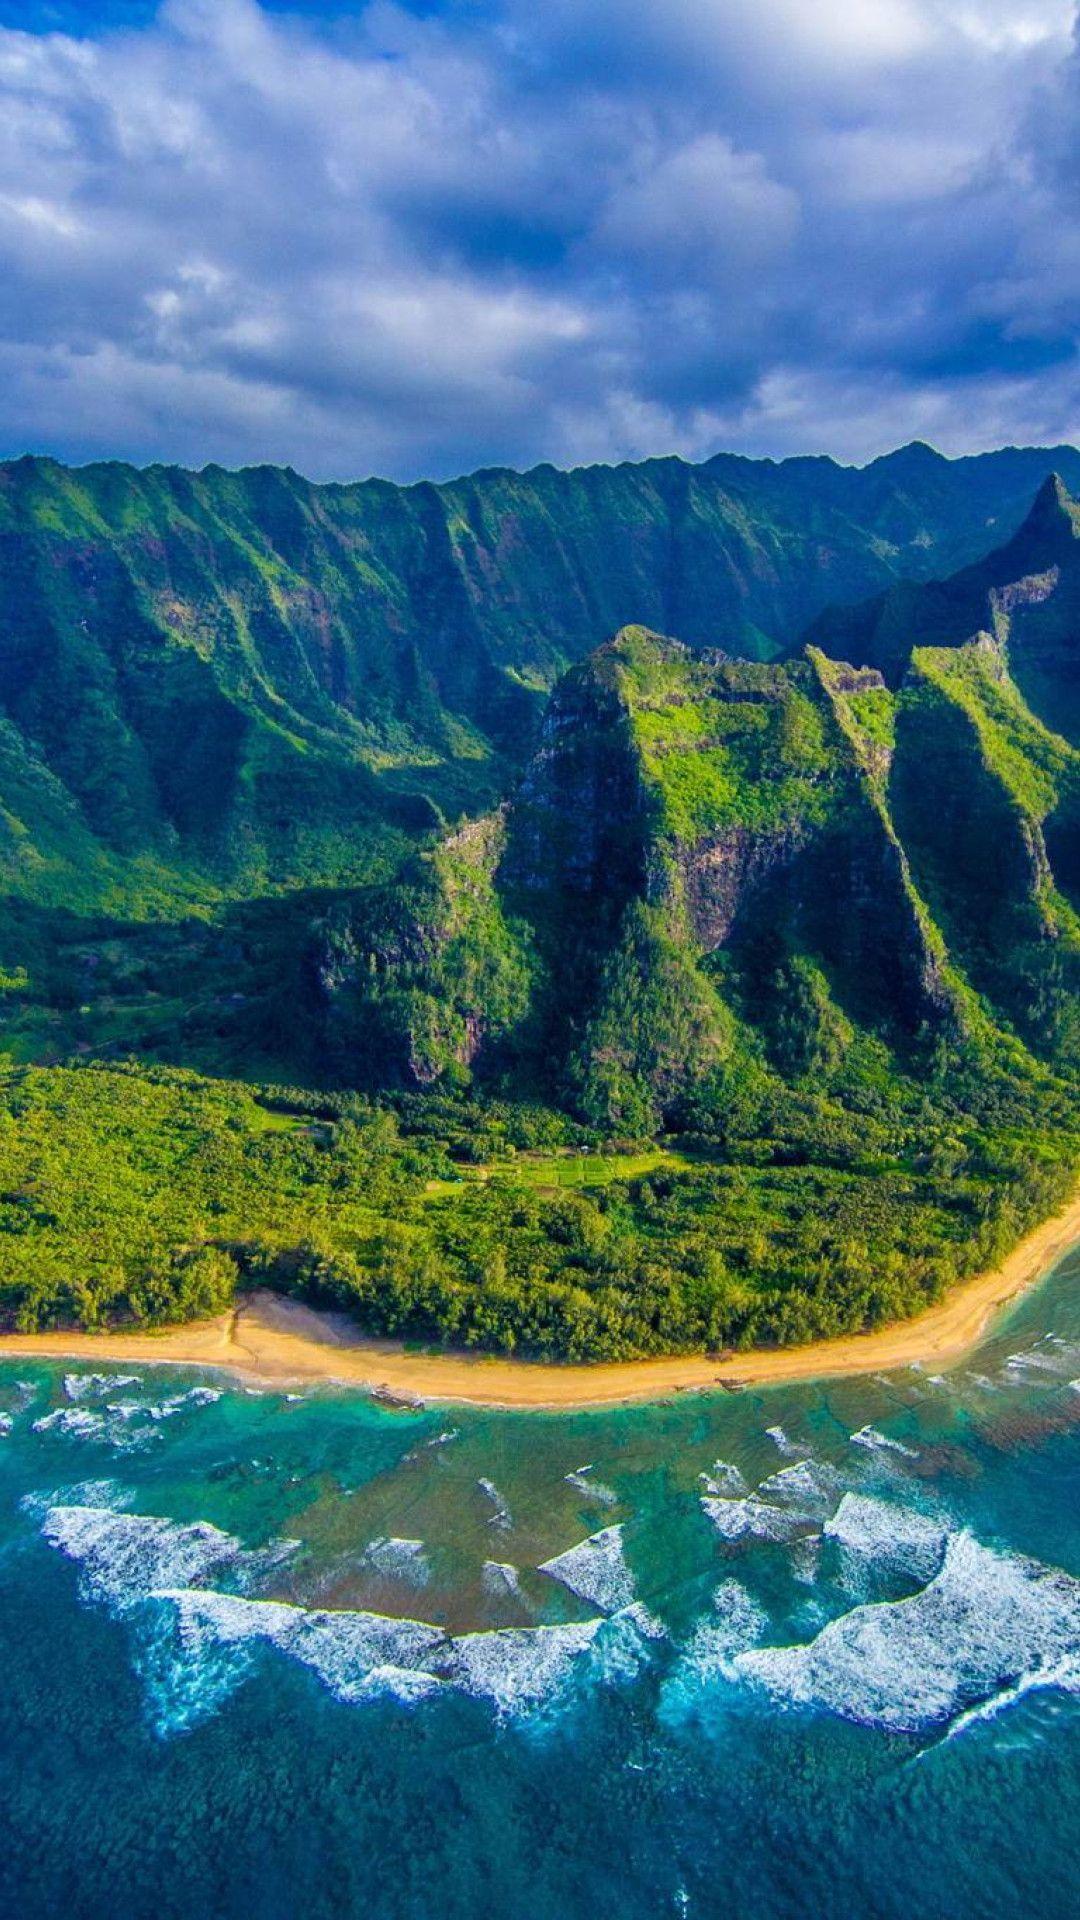 Hawaii Iphone Wallpapers Top Free Hawaii Iphone Backgrounds Wallpaperaccess Iphone Wallpaper Landscape Backgrounds Phone Wallpapers Iphone Wallpaper